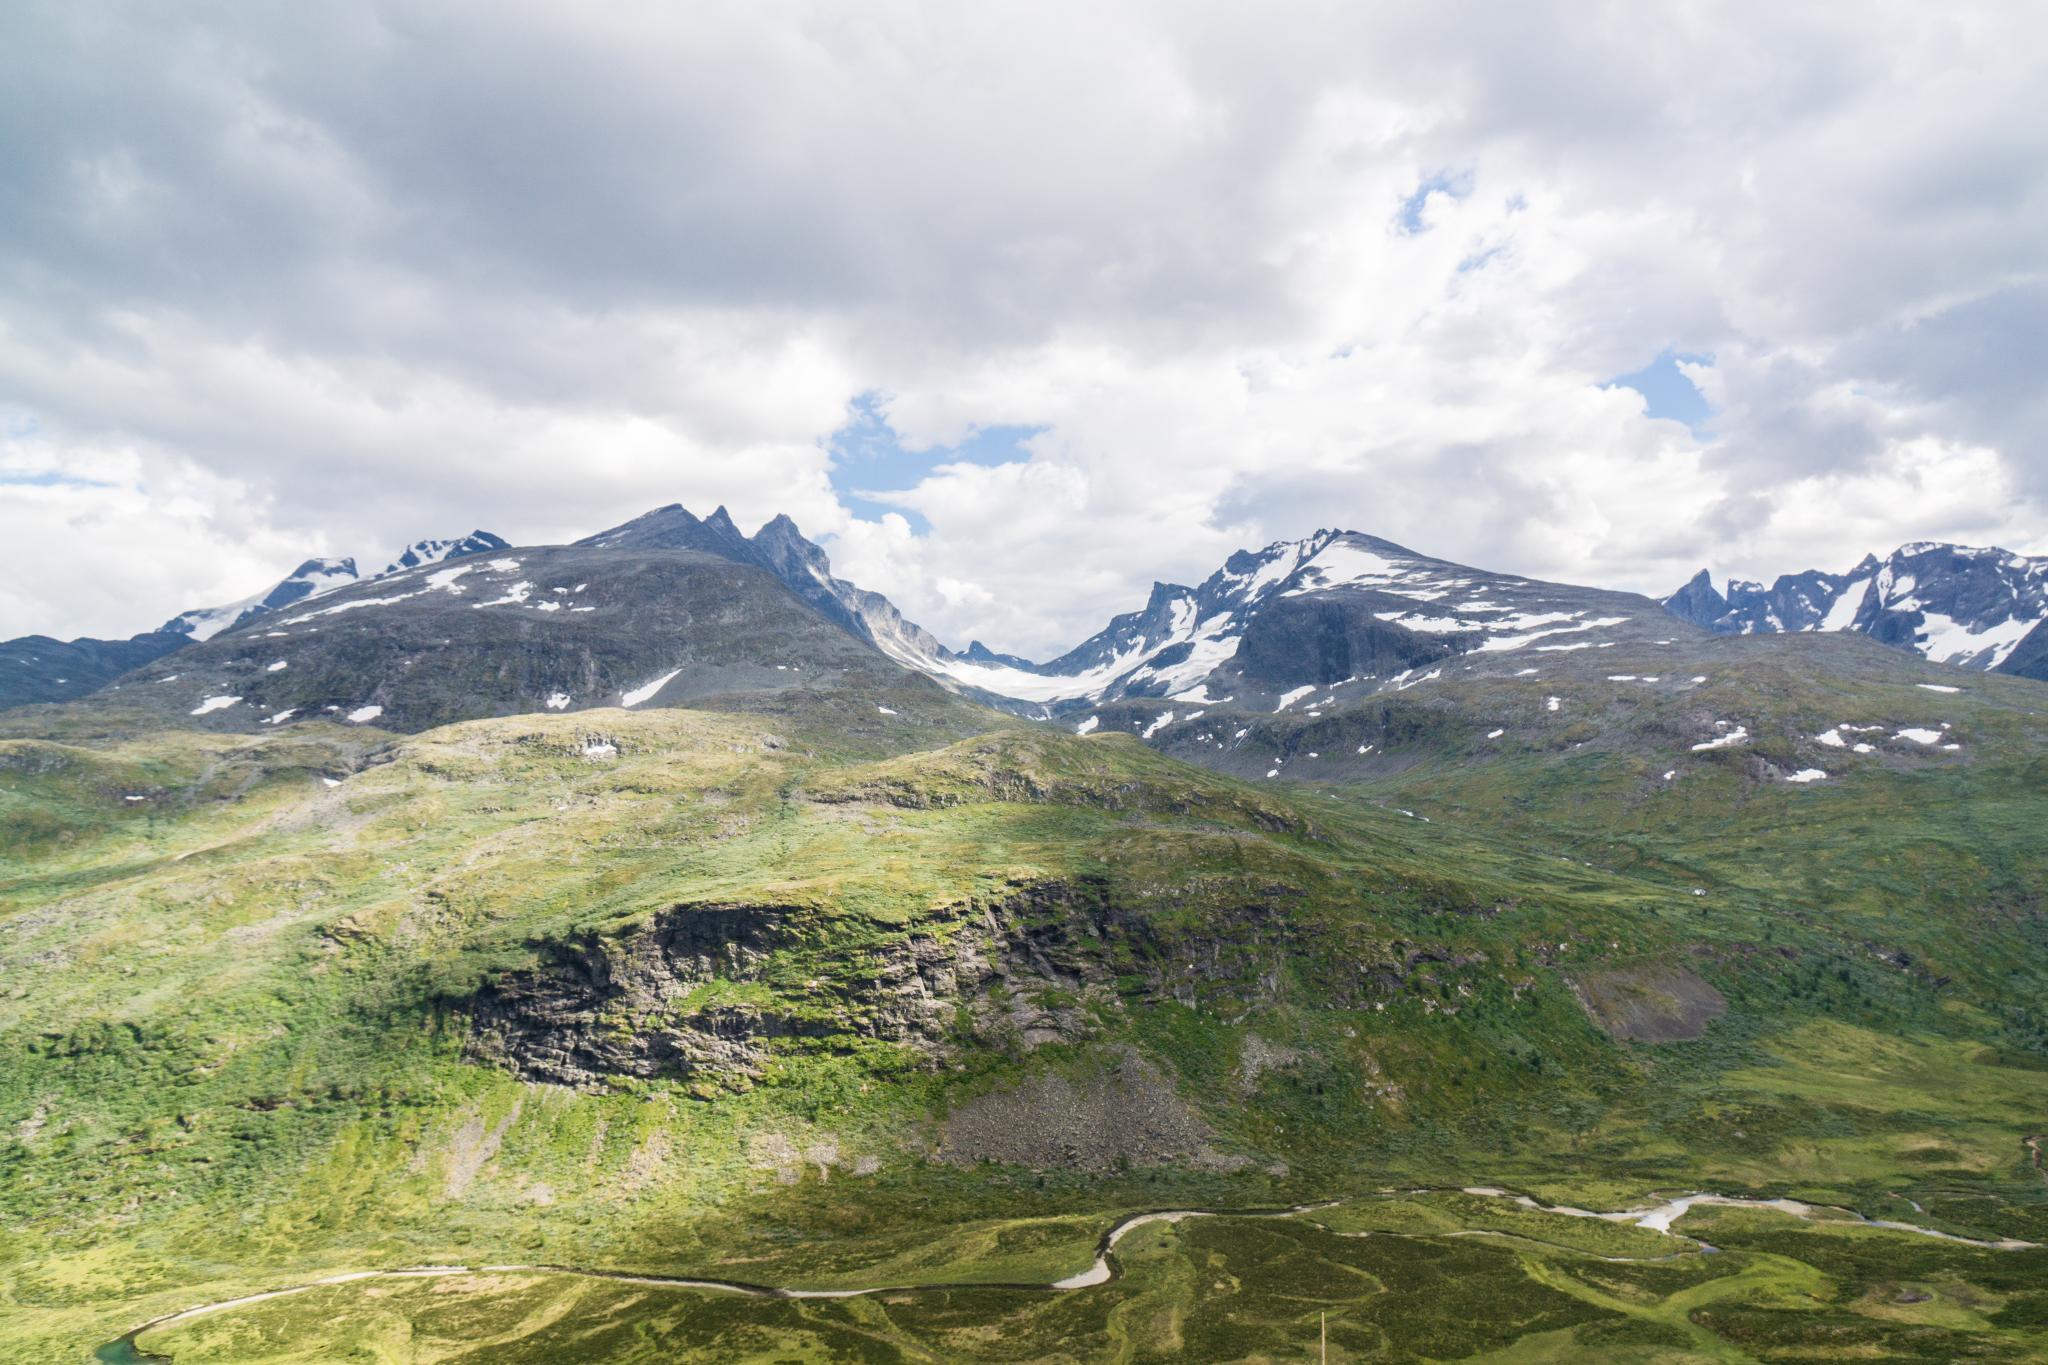 【北歐景點】穿越挪威的屋脊 - 前進北歐最美的冰原景觀公路 Fv55松恩山路 (Sognefjellet) 36